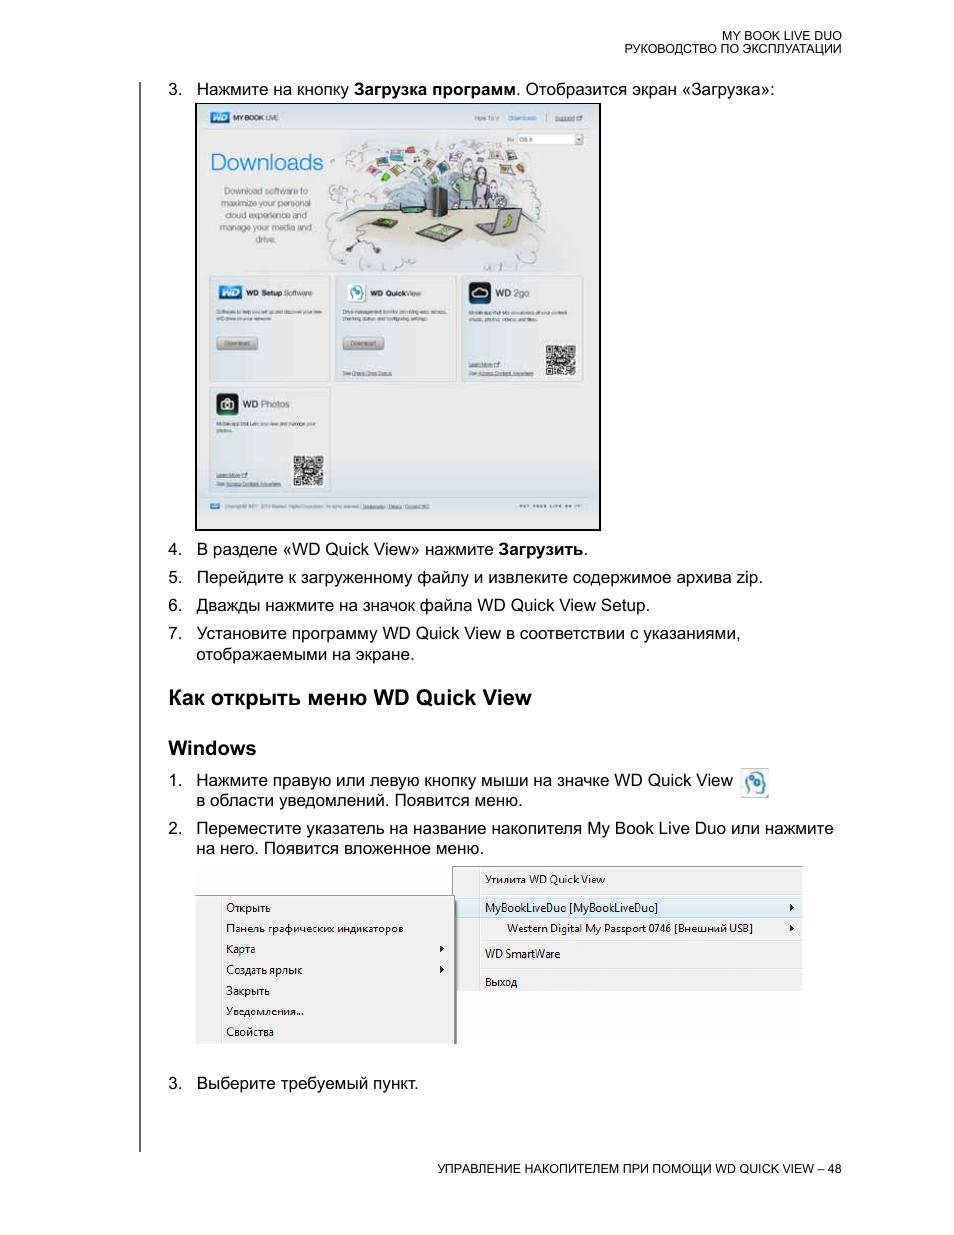 Как открыть меню wd quick view, Windows   Инструкция по